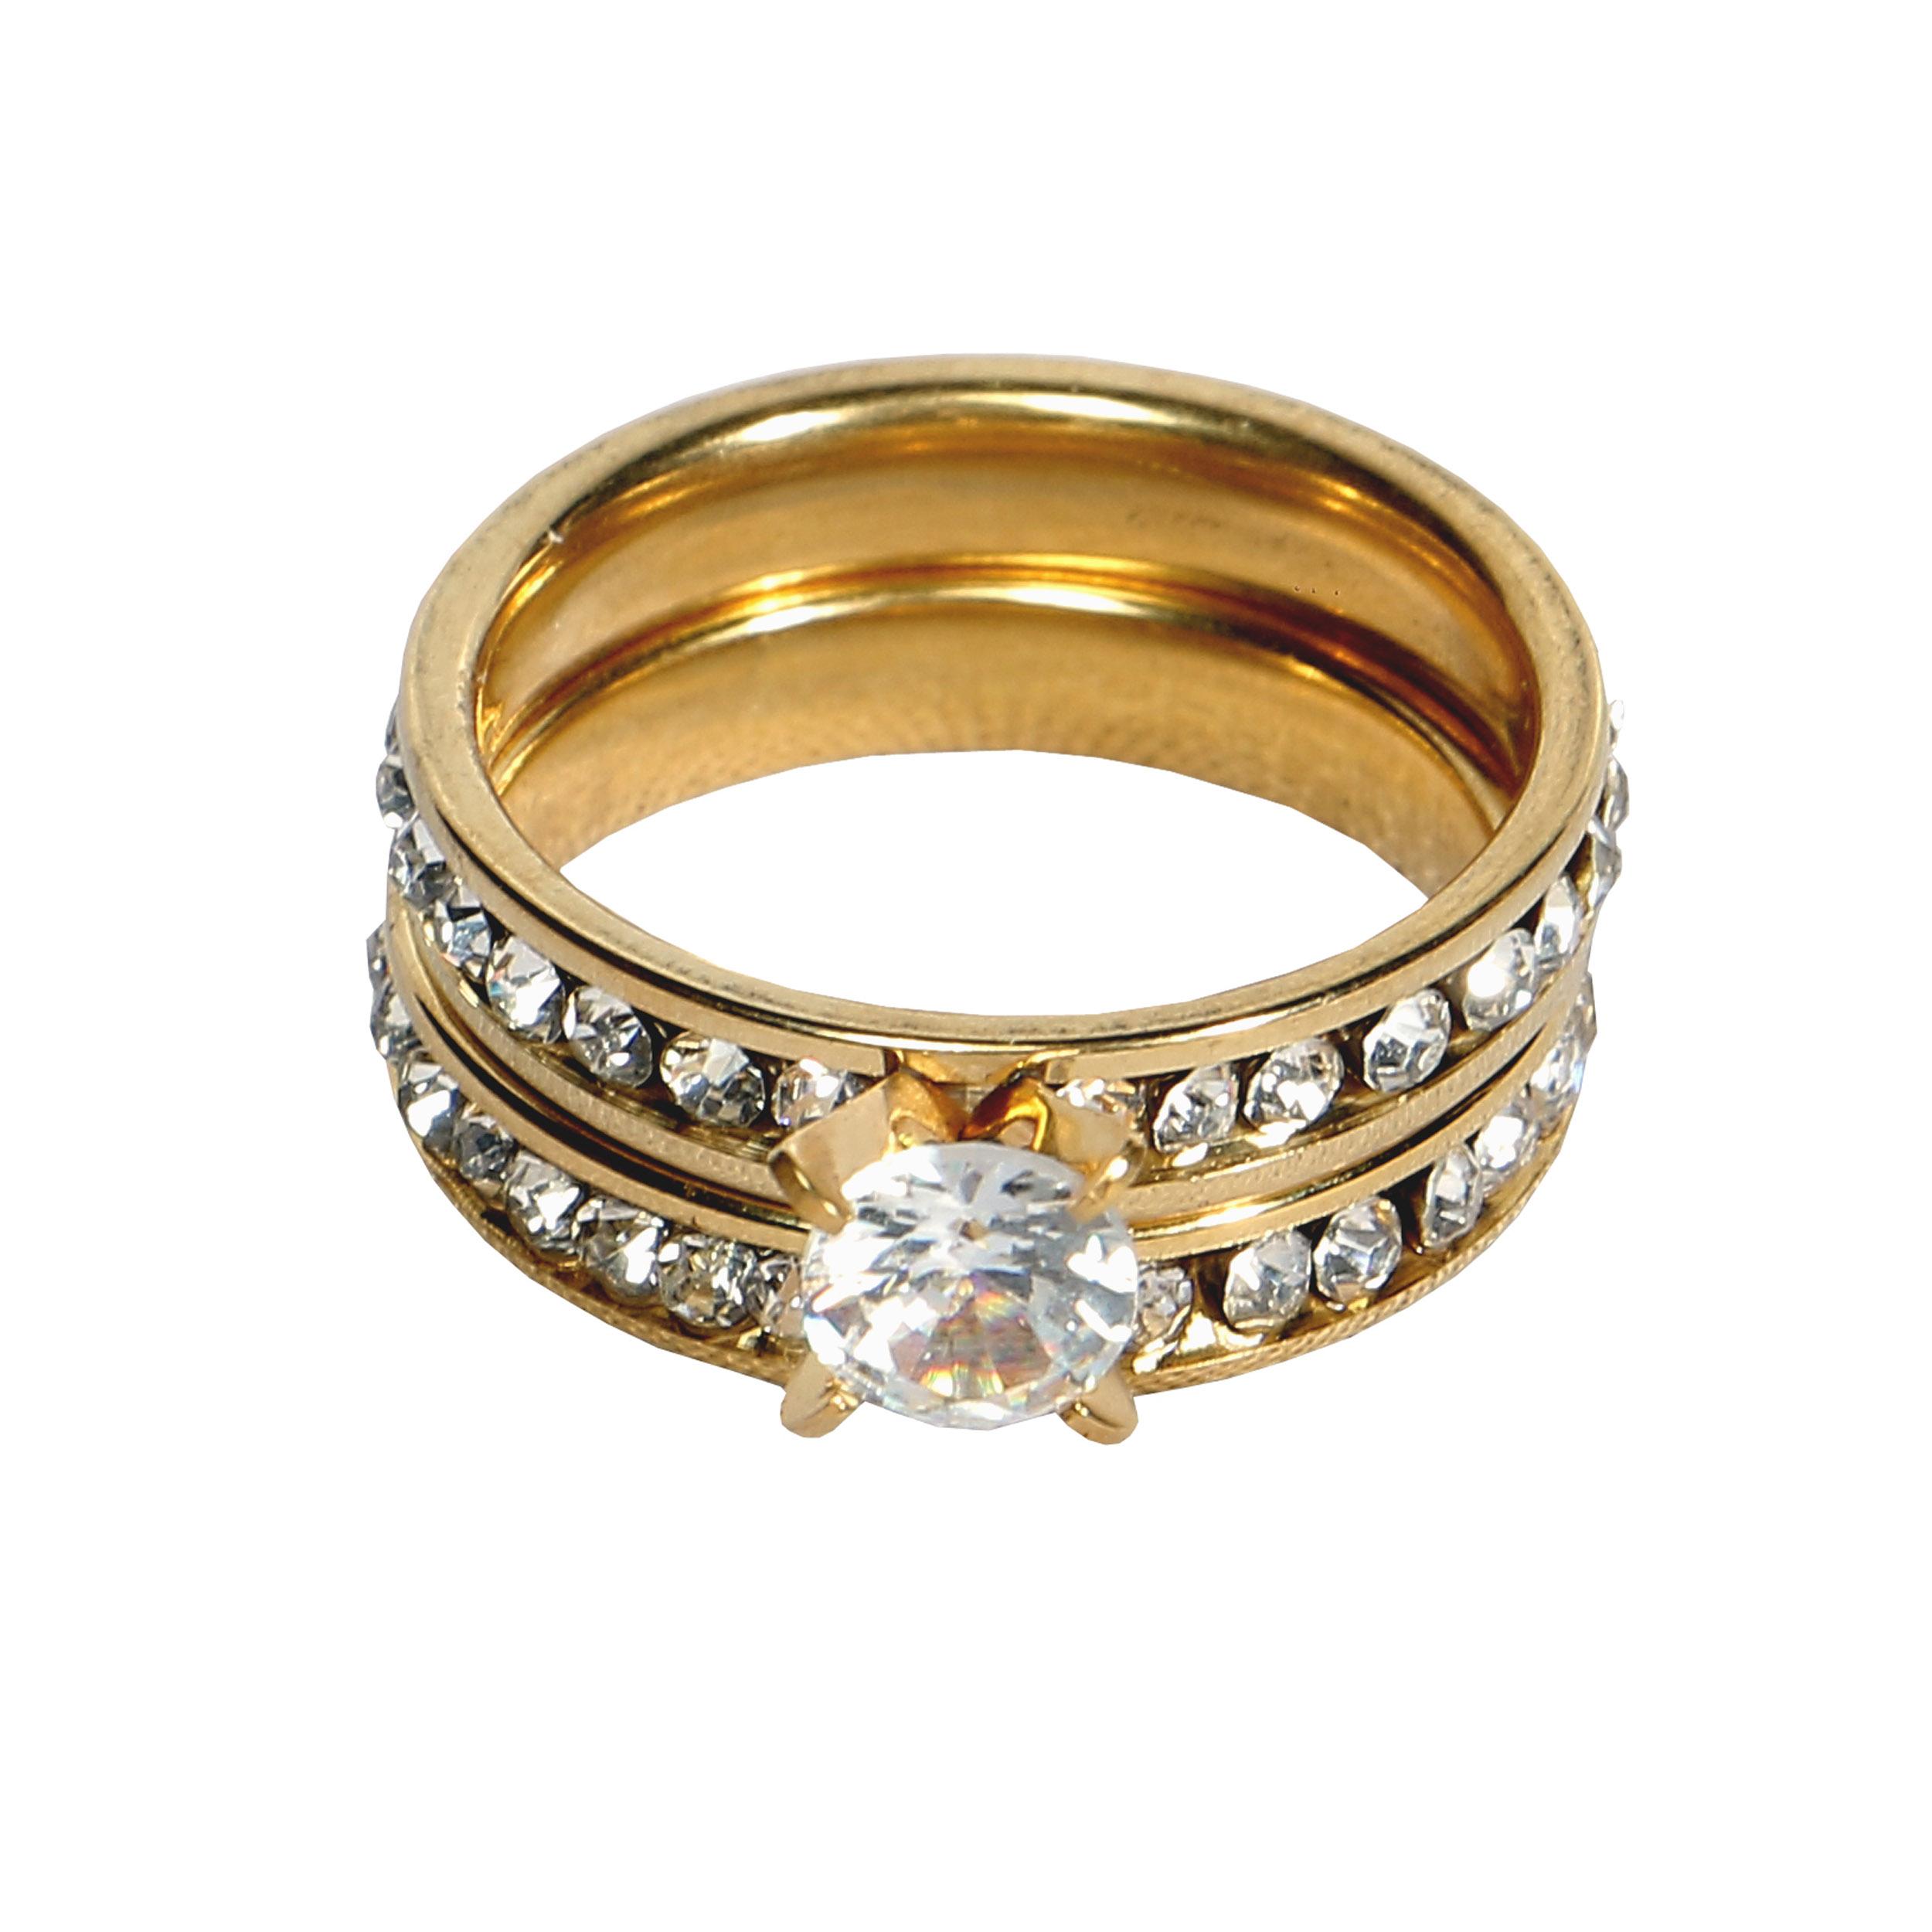 حلقه و پشت حلقه زنانه کد 12309